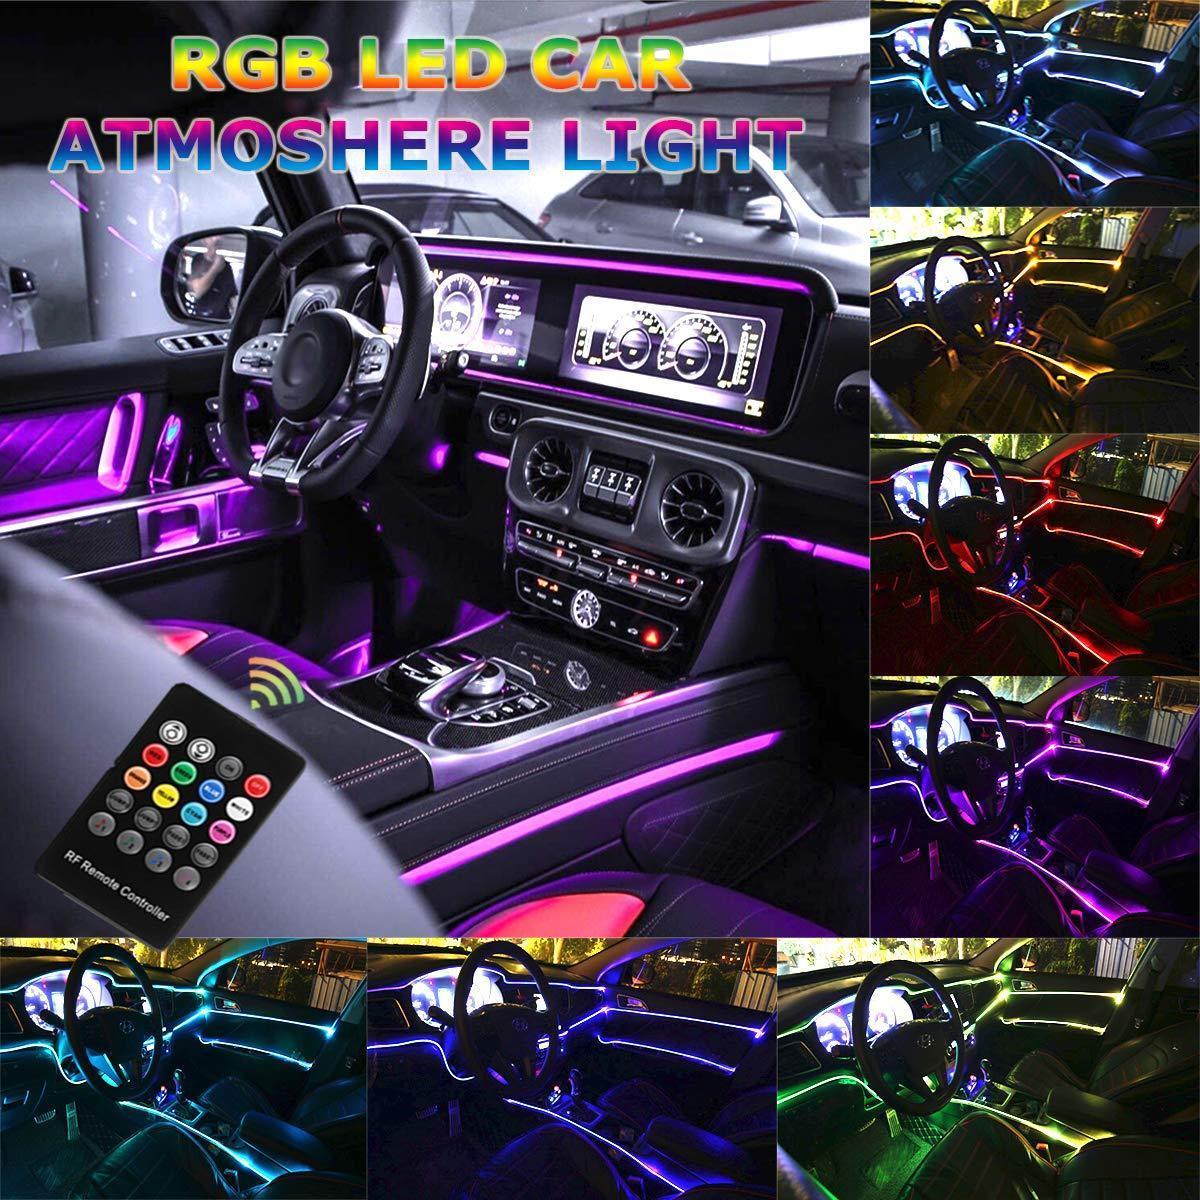 자동차 LED 스트립 빛 - 음악 RGB 네온 액센트 조명 - 6 미터 / 236.22 인치 1에서 5, 실내 장식 분위기 스트립 램프